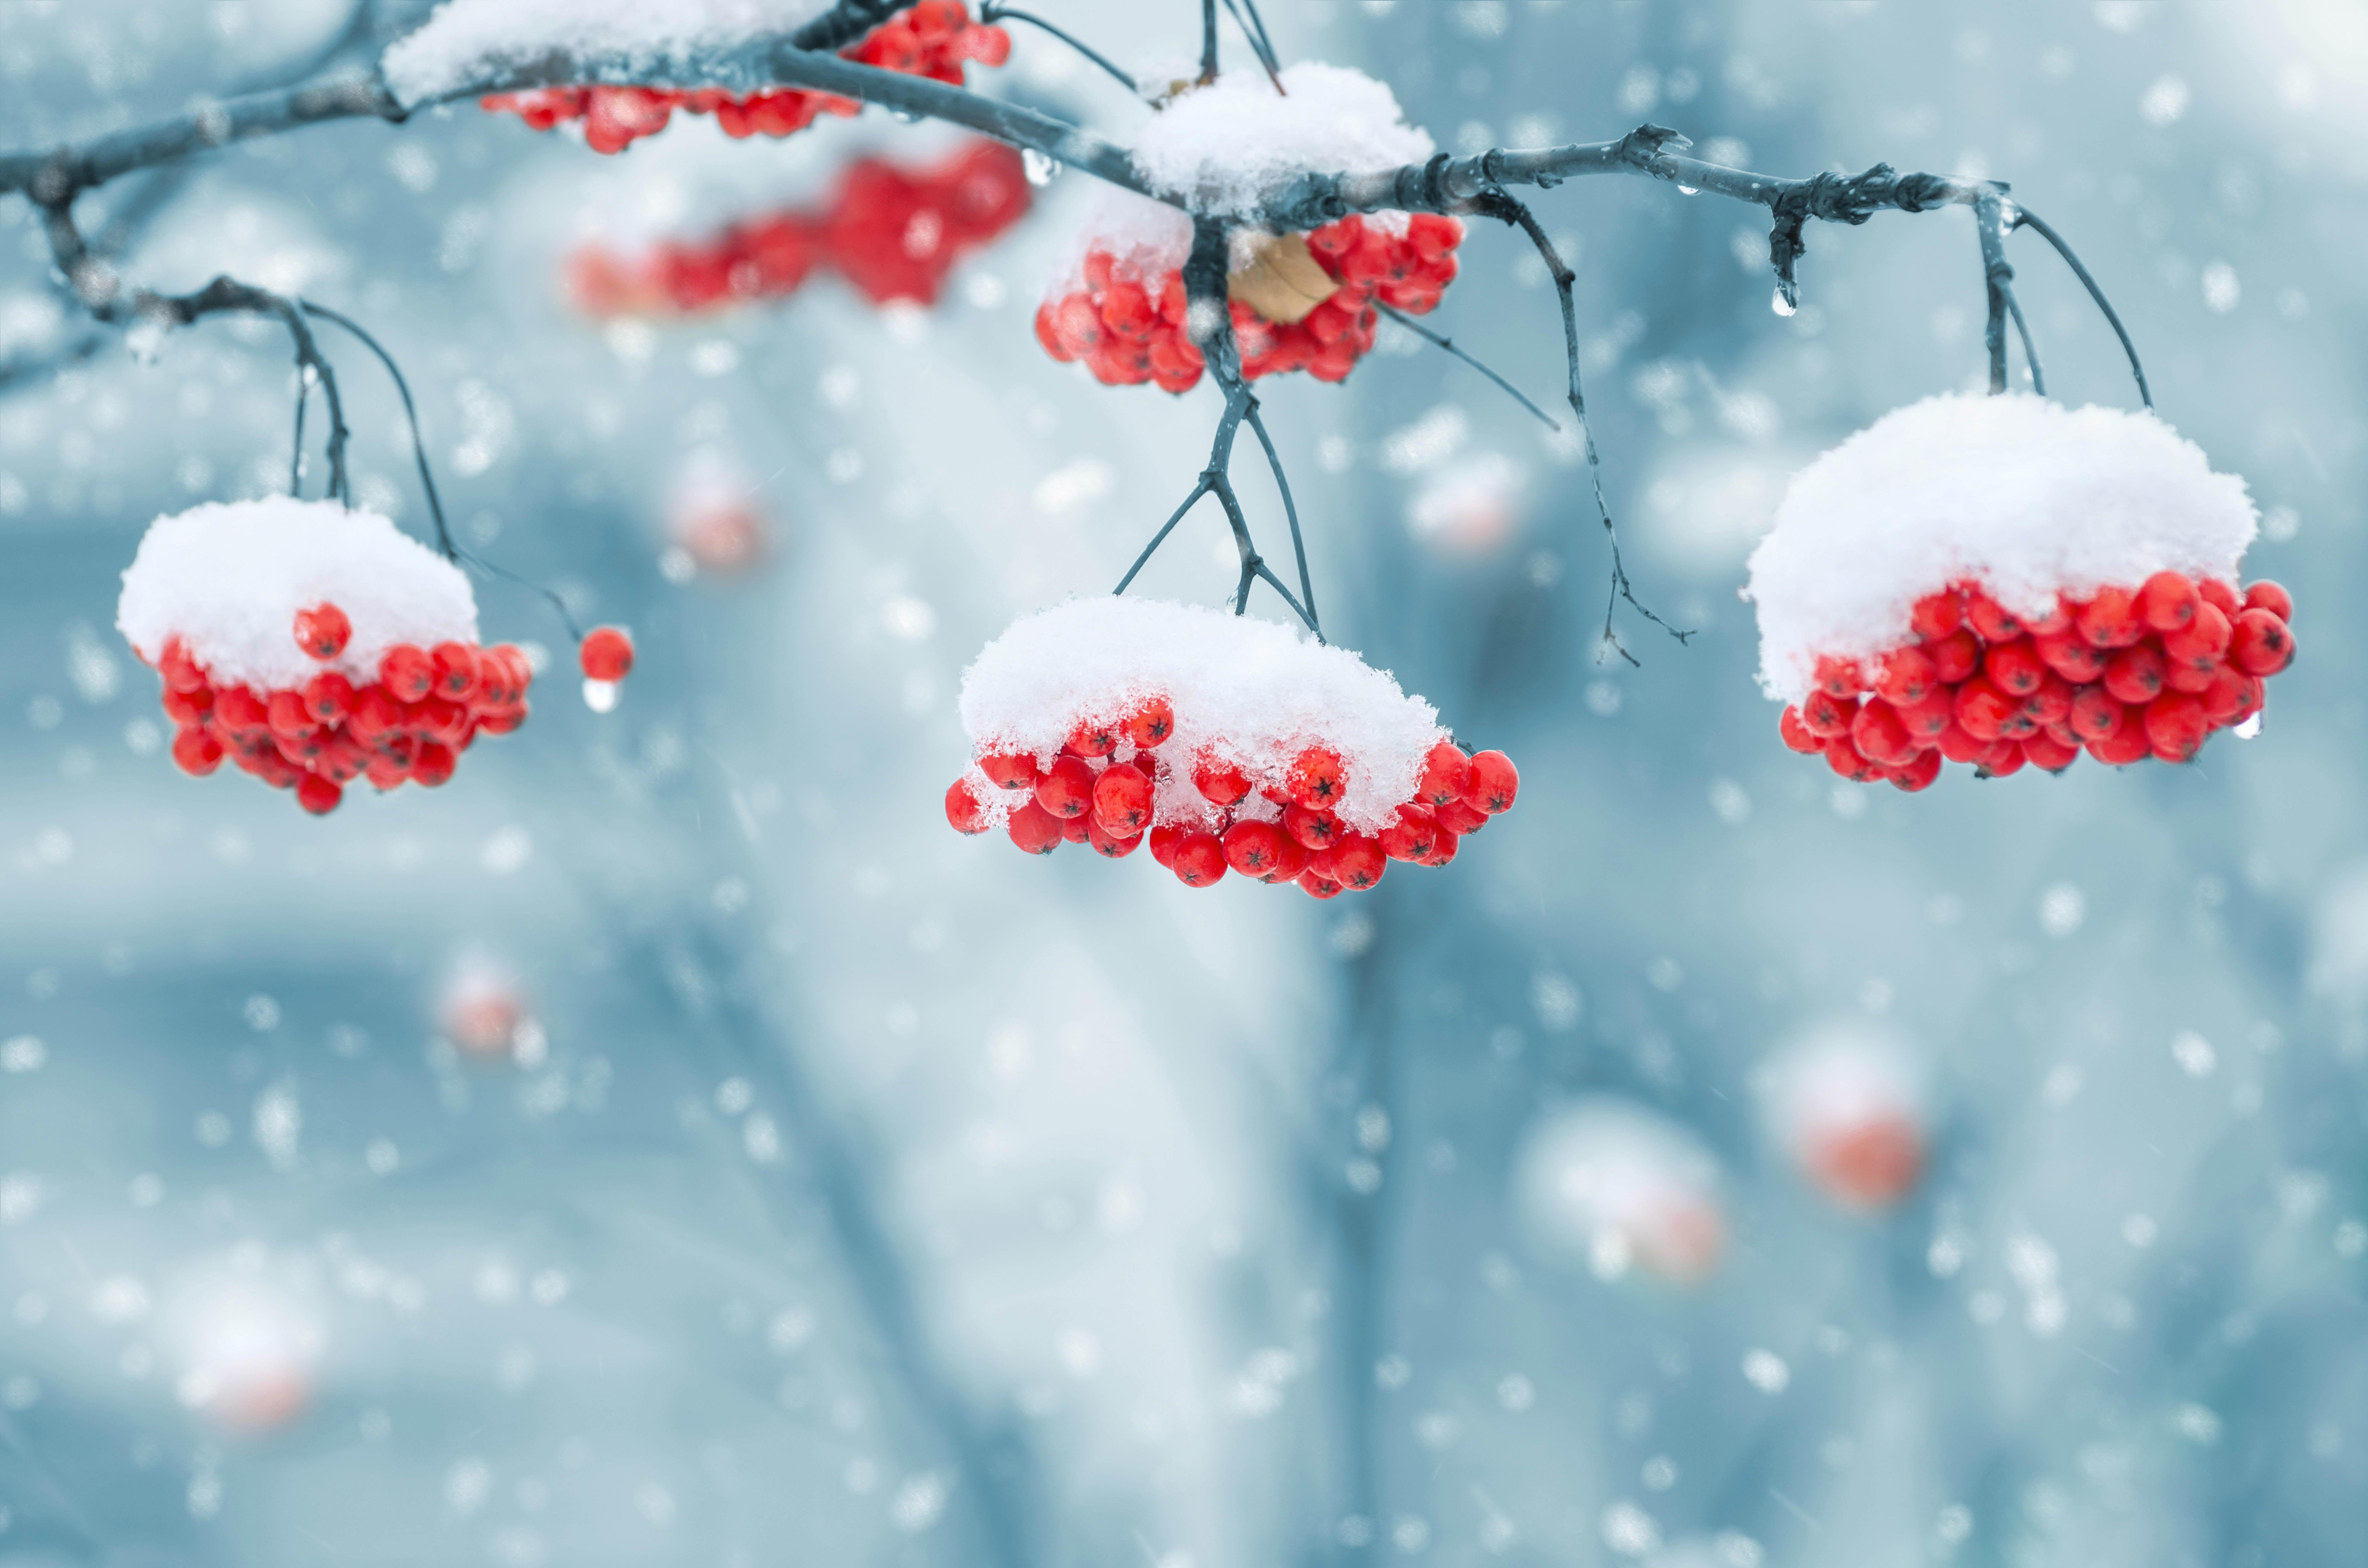 природа мороз рябина зима ветки еда ягоды  № 457156 загрузить